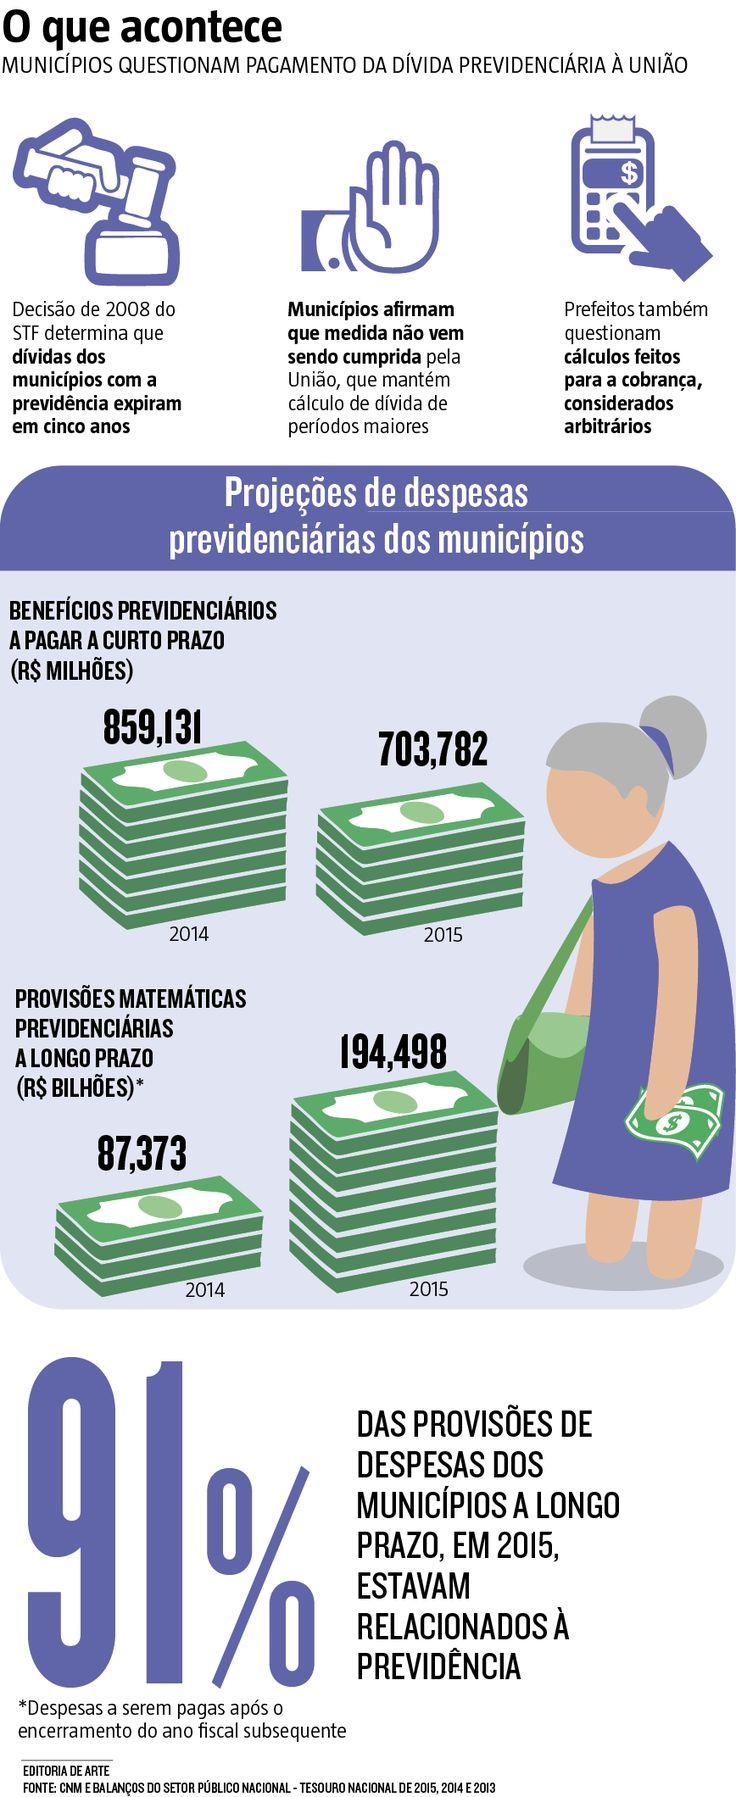 Com previsão de superar os R$ 194 bilhões, segundo cálculos do Tesouro Nacional, a dívida previdenciária das prefeituras se transformou em uma das principais queixas dos gestores com a União. Prefeitos cobram a revisão e a renegociação dos débitos, hoje cobertos automaticamente pelo Fundo de Participação dos Municípios (FPM) (16/01/2017) #Economia #TesouroNacional #Municipios #DividaPrevidenciaria #Previdência #Dinheiro #Verba #Gastos #Infográfico #Infografia #HojeEmDia